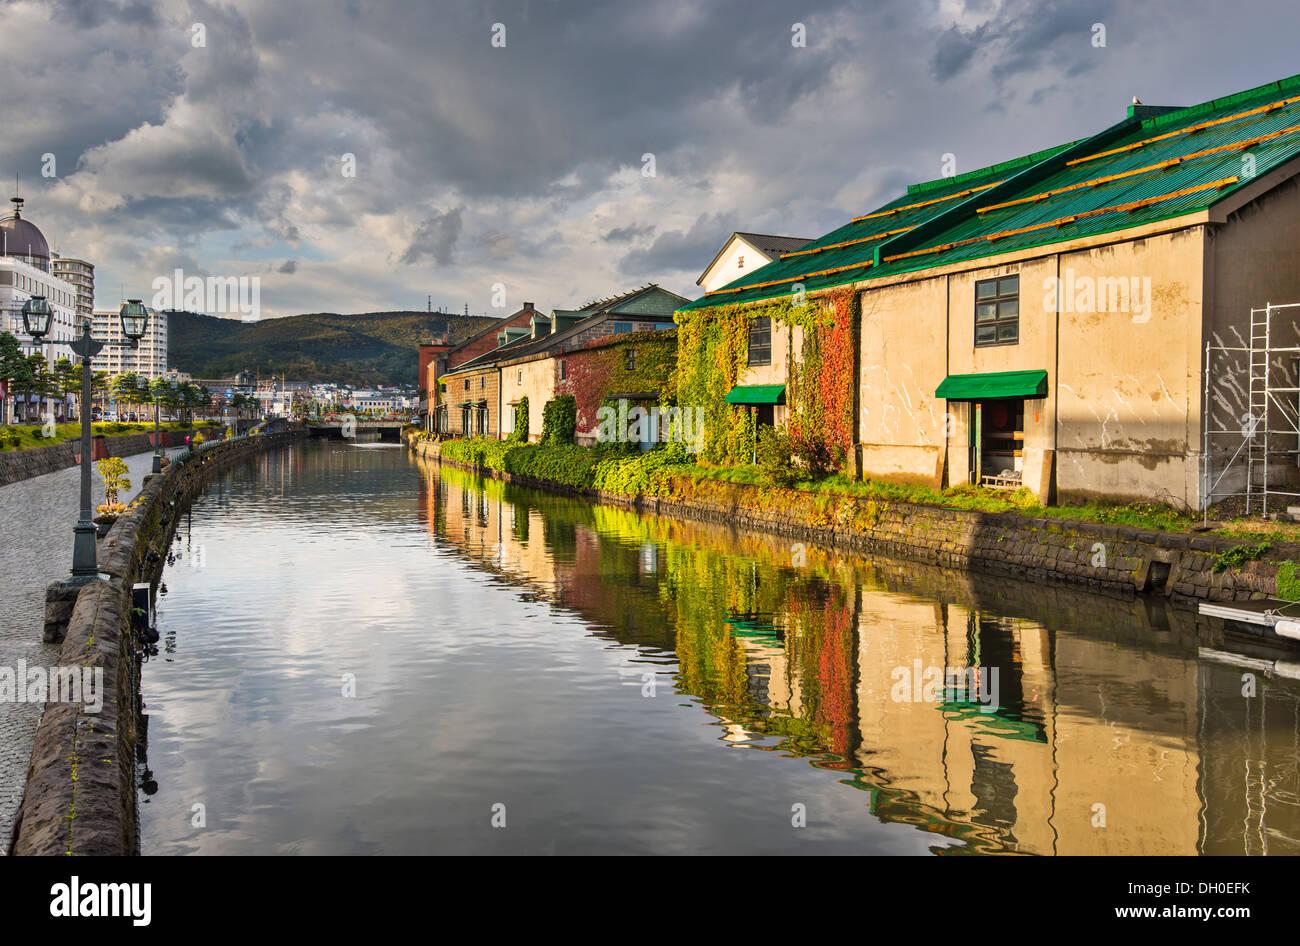 Kanäle von Otaru, Japan. Stockbild